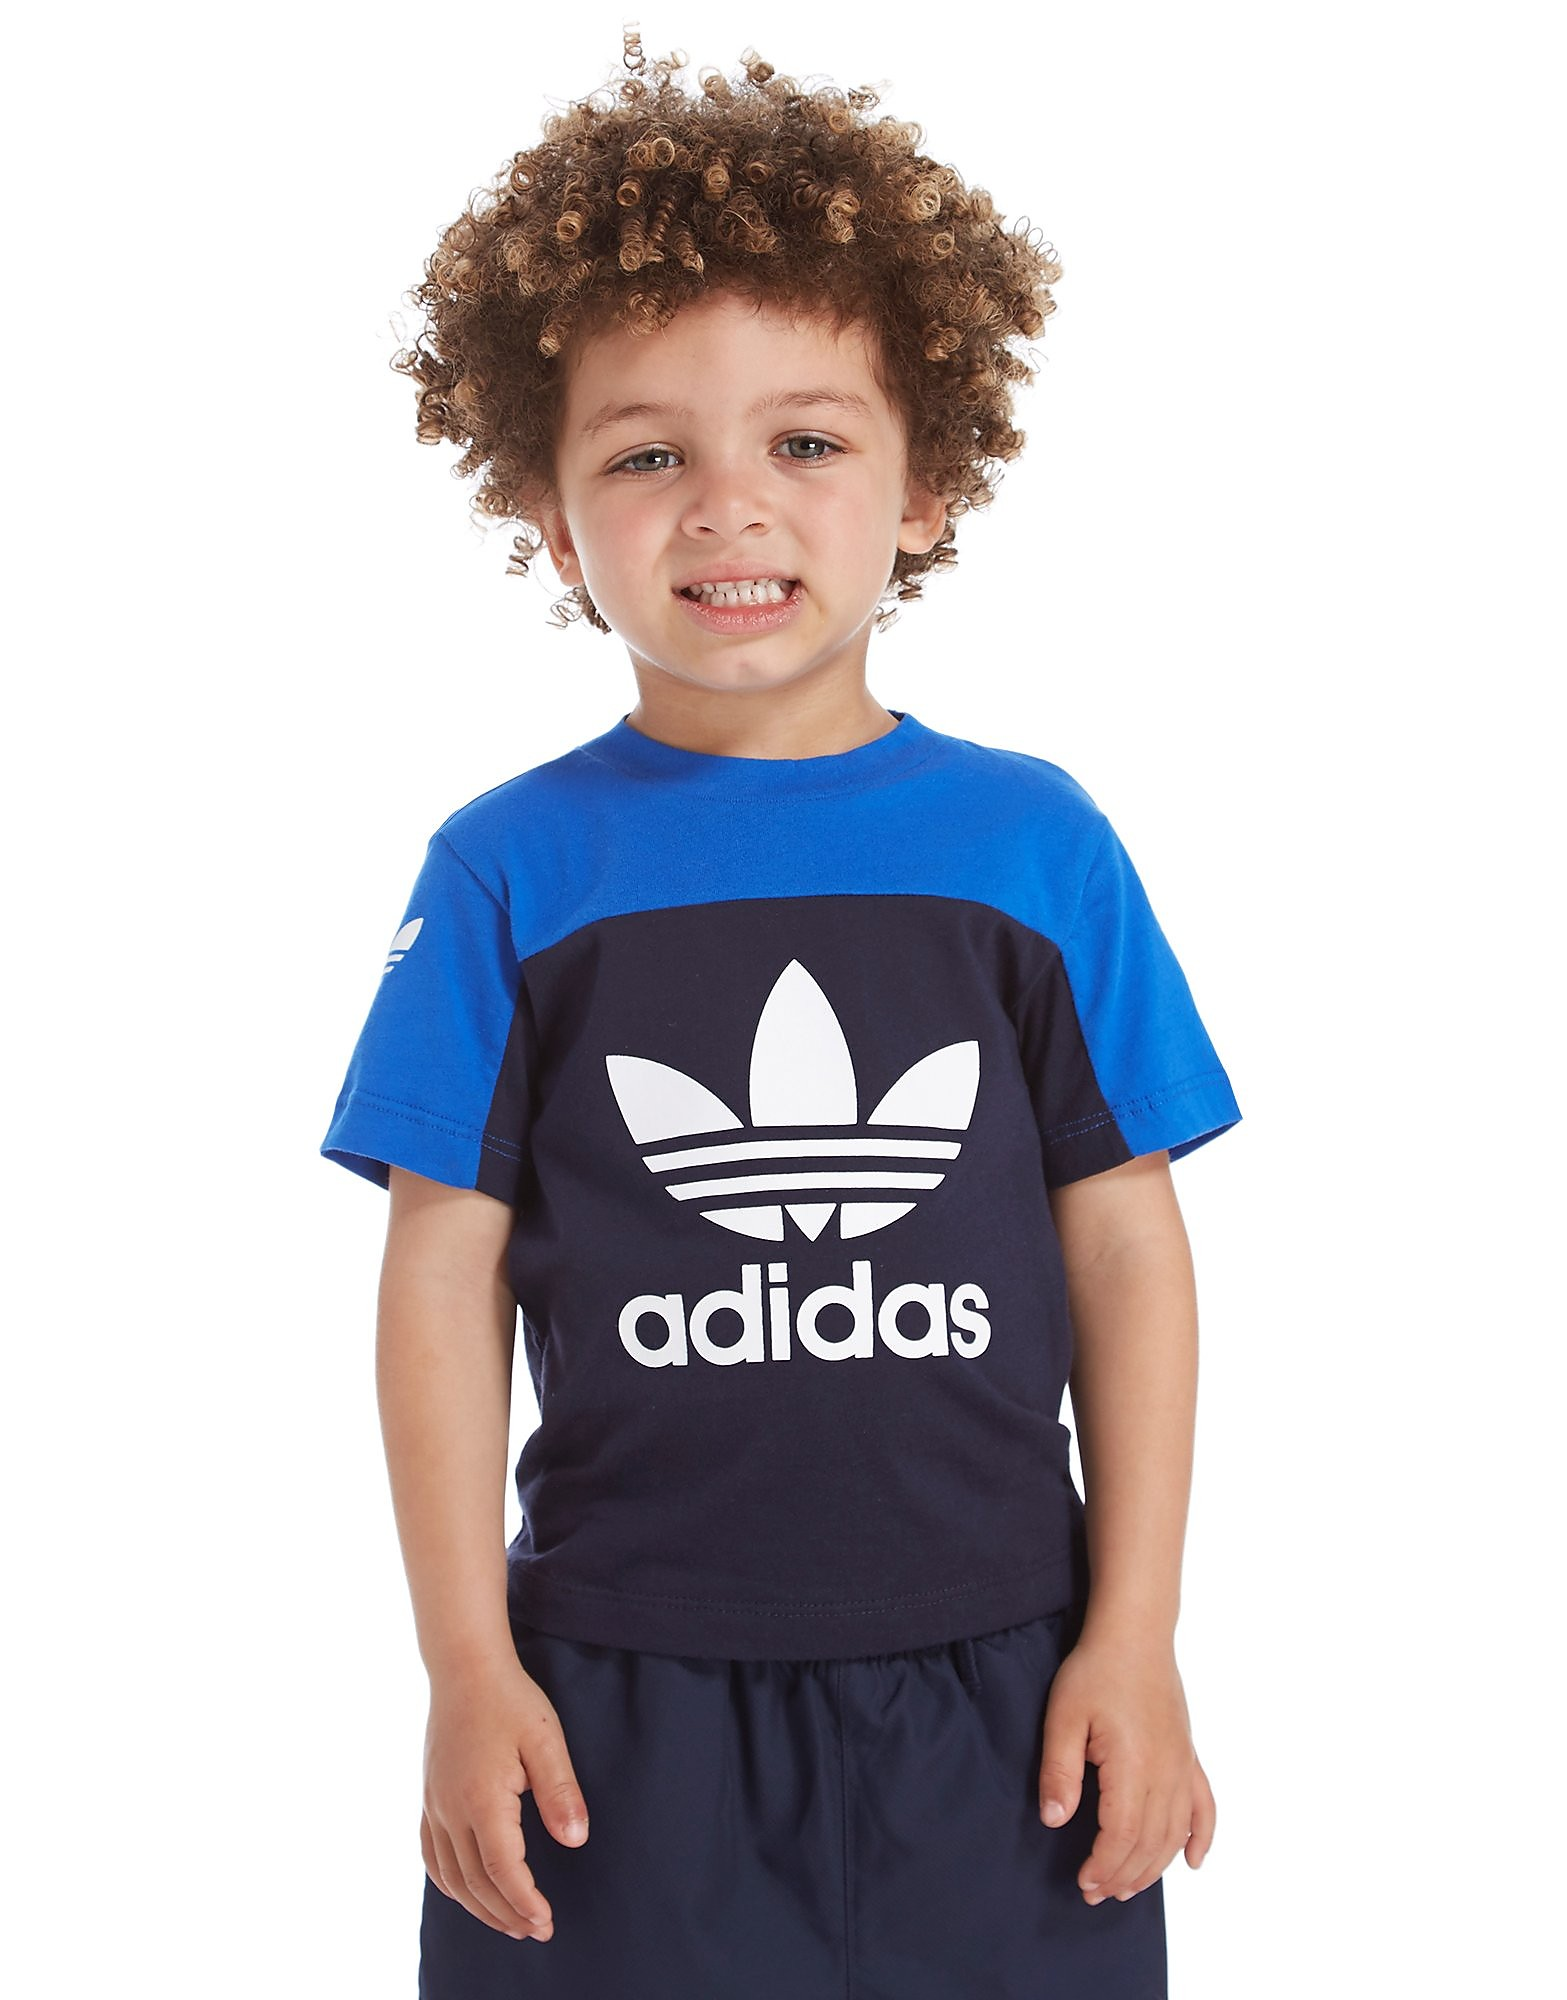 adidas Originals Trefoil Colour Block T-Shirt Infant